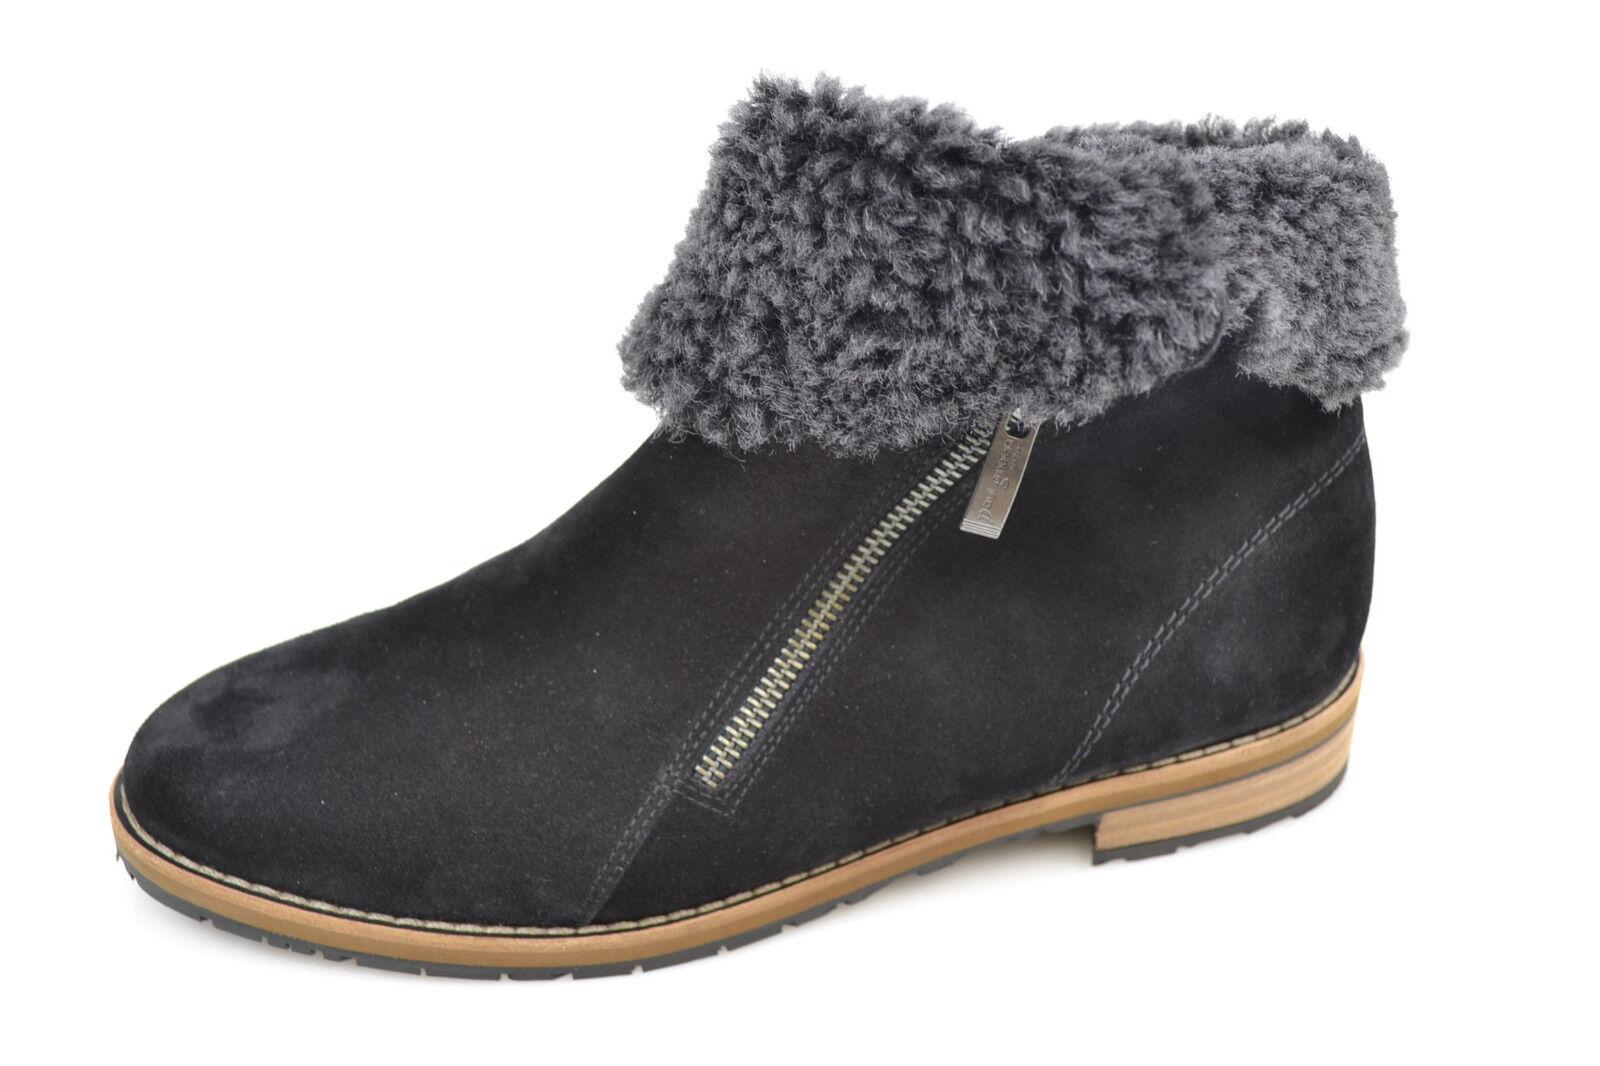 Paul Grün Stiefelette Damen Winter Stiefel Stiefel warm Schuhe Stiefelette Grün blau NEU ROTUZIERT 1d6619